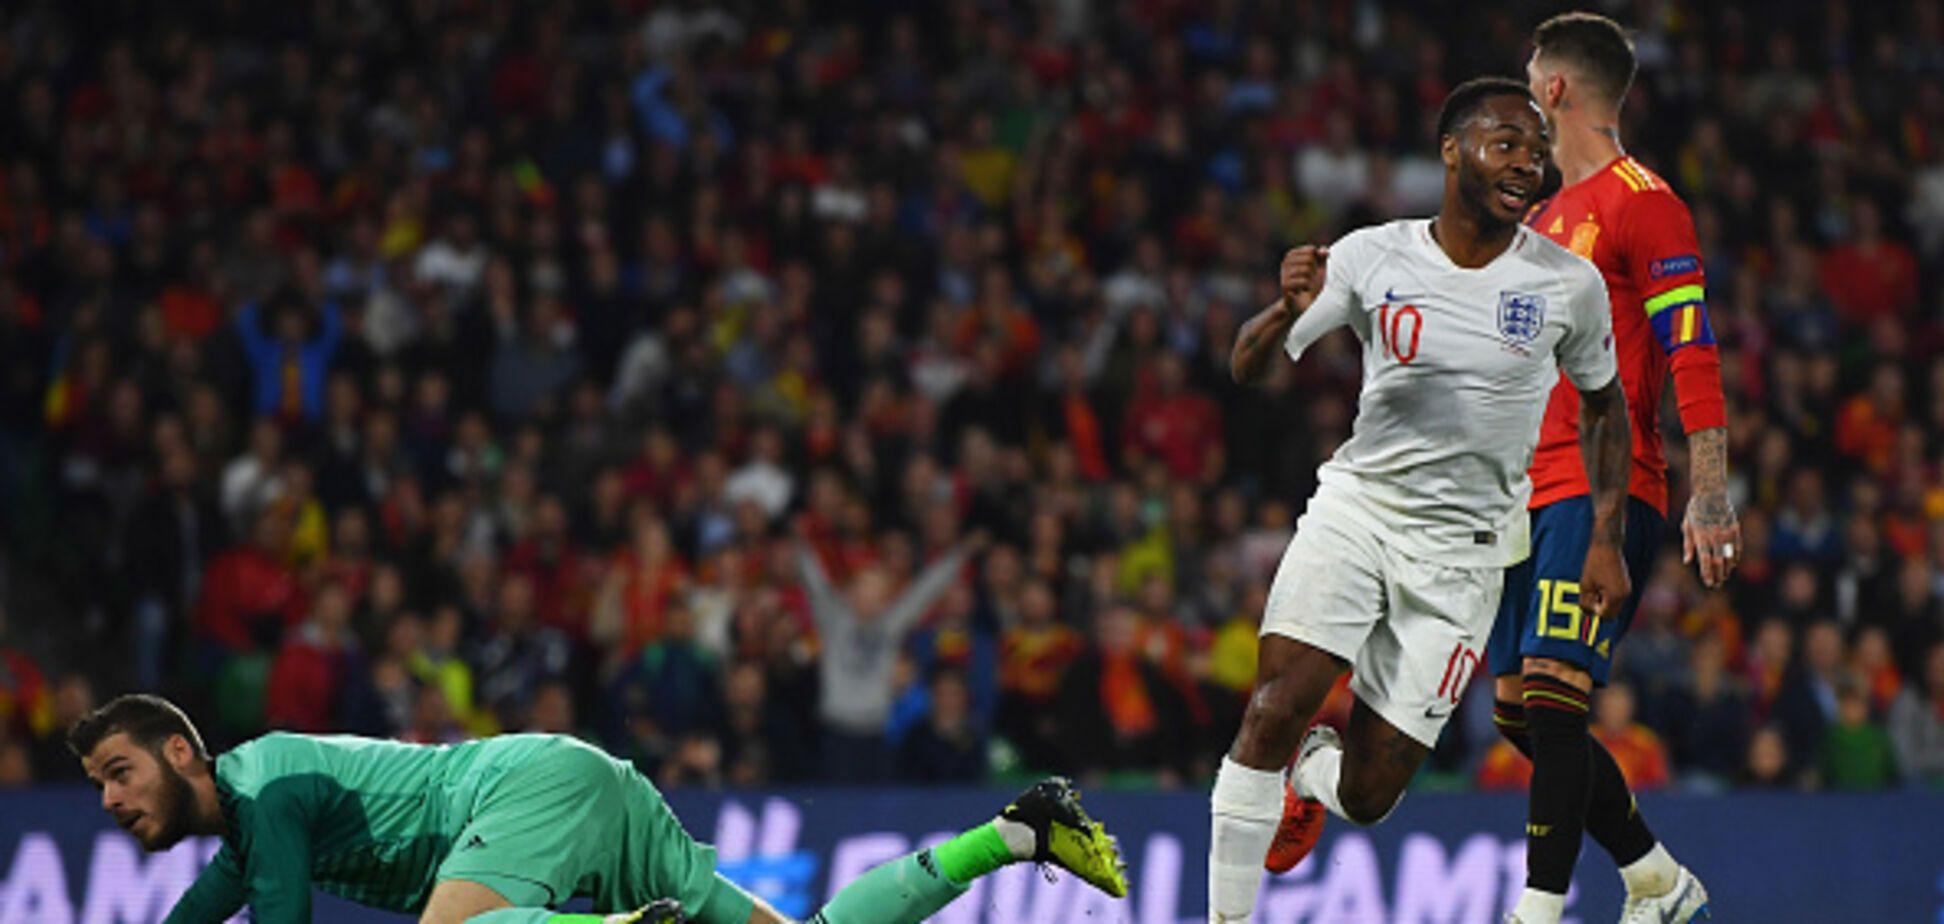 Матч Испания - Англия завершился грандиозной сенсацией